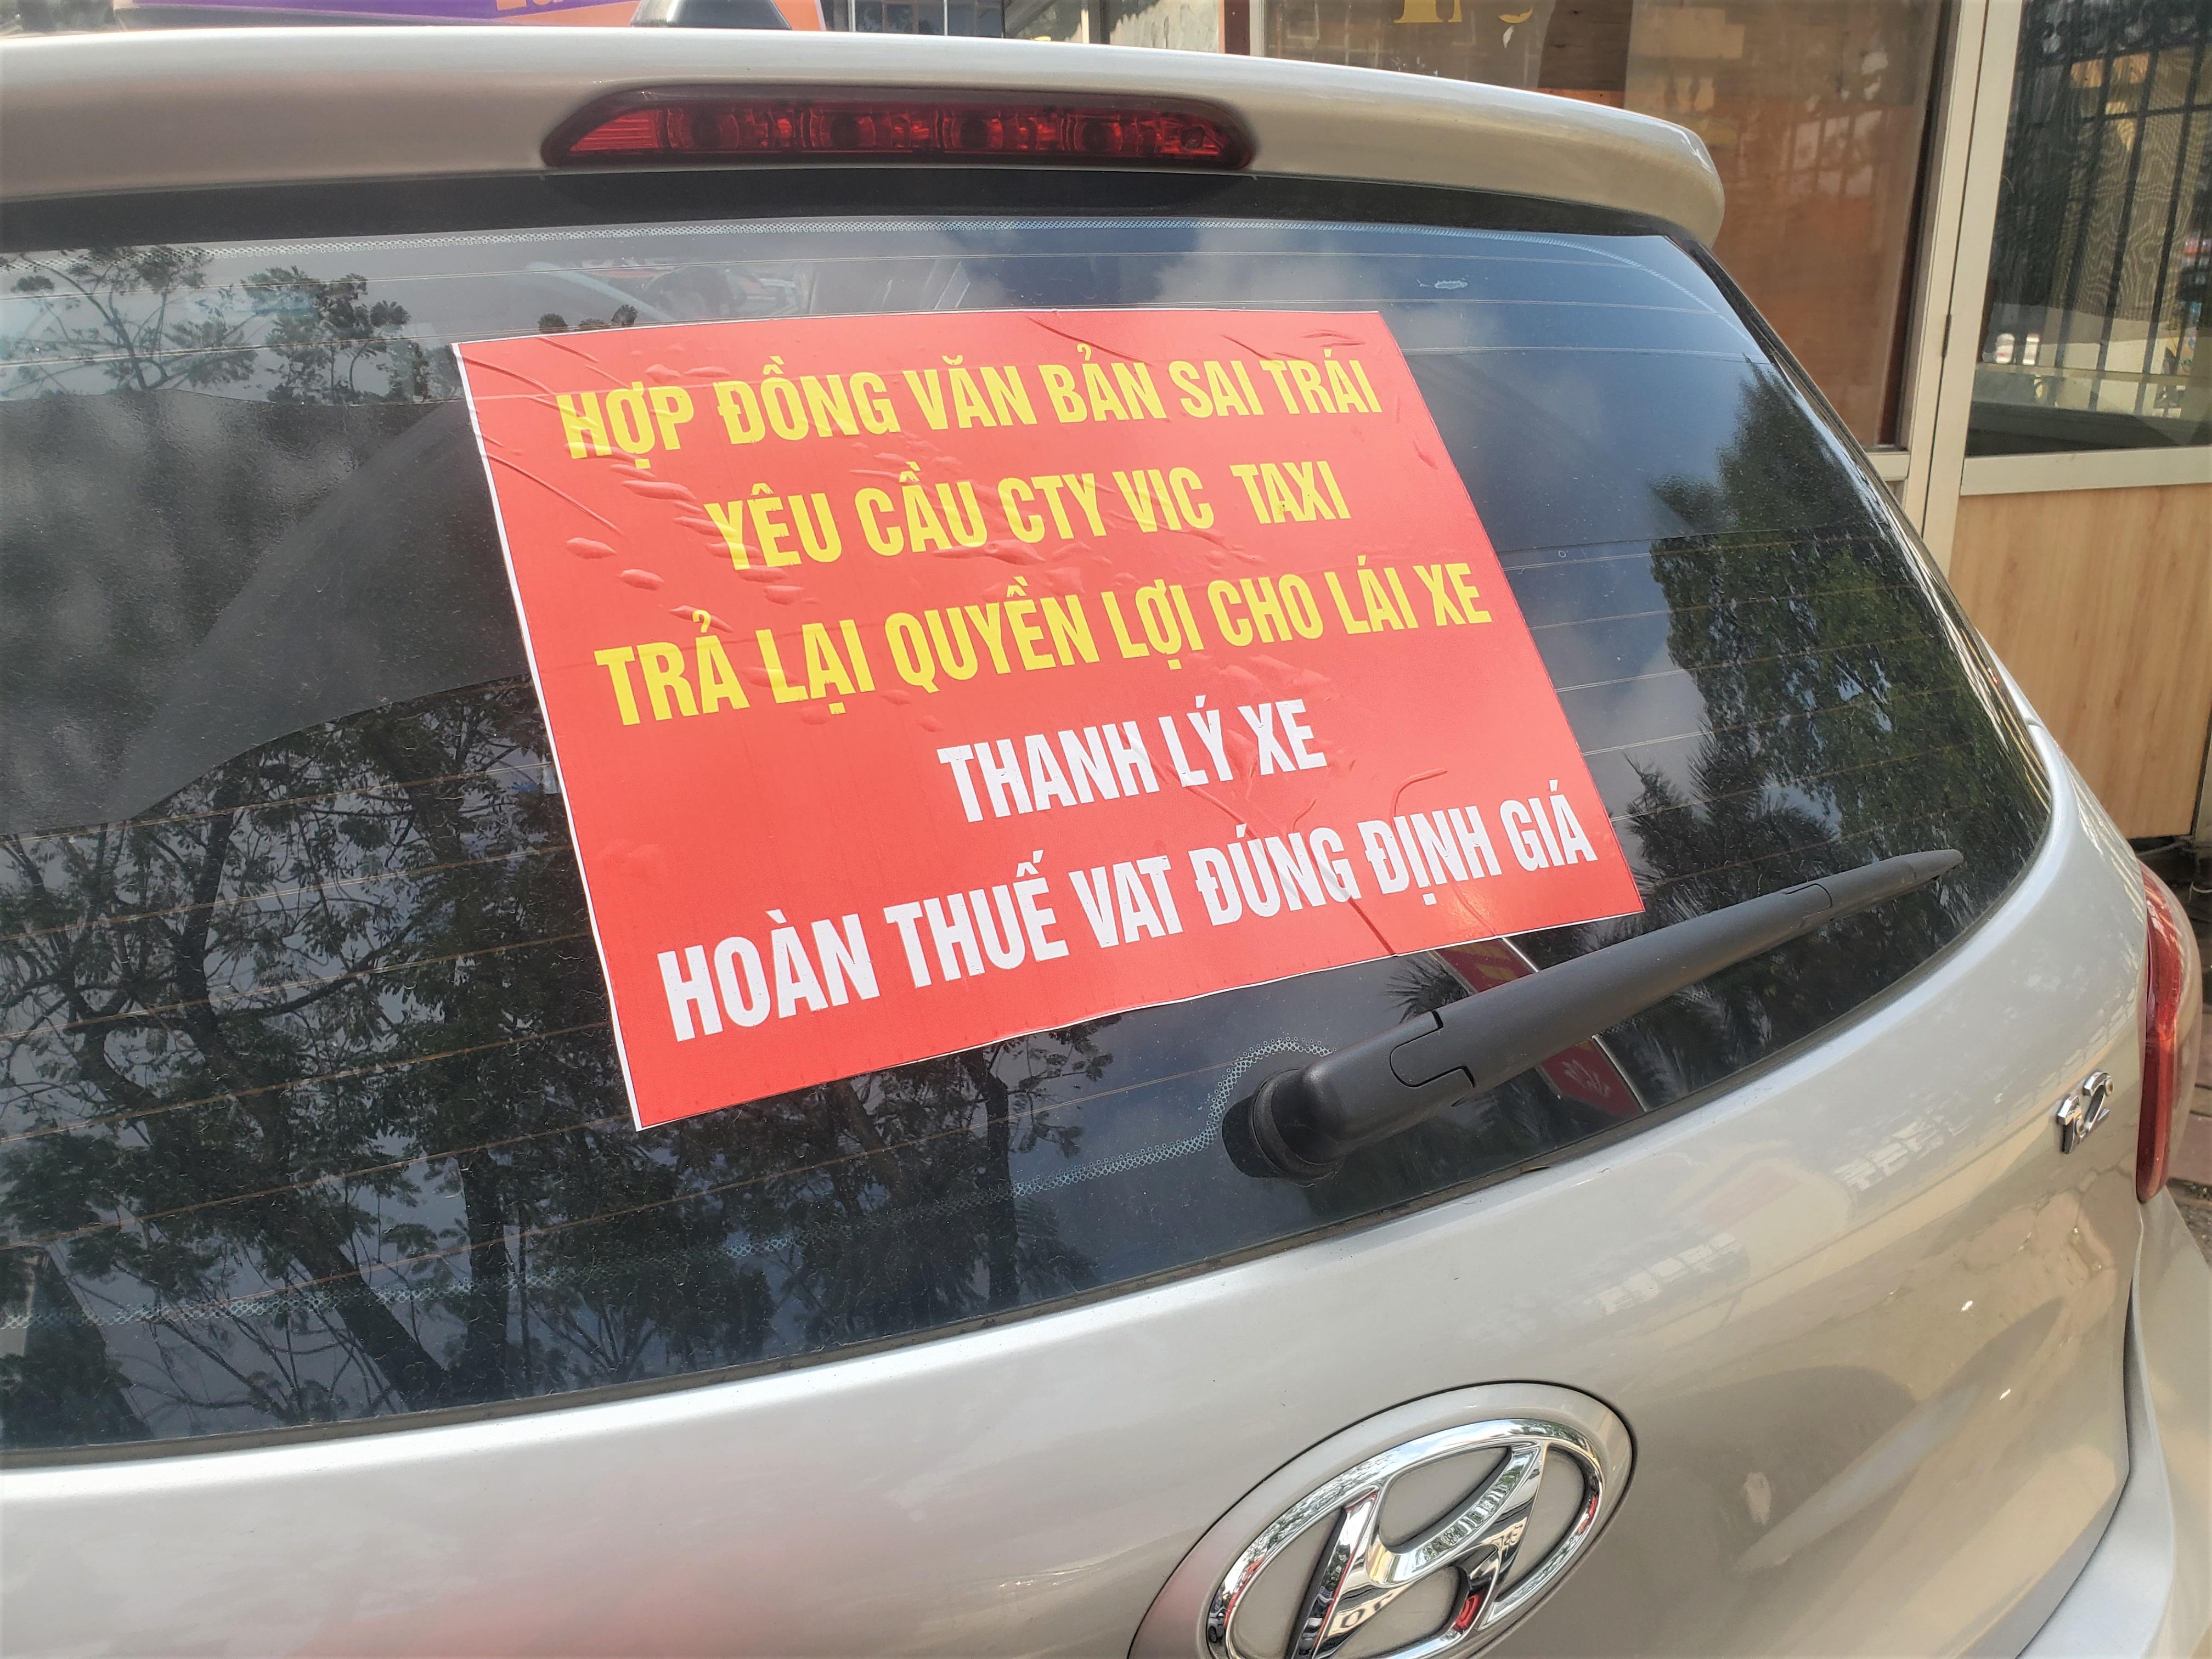 Tài xế Vic Taxi tắt đàm, bỏ làm kéo đến trụ sở hãng biểu tình - Ảnh 4.